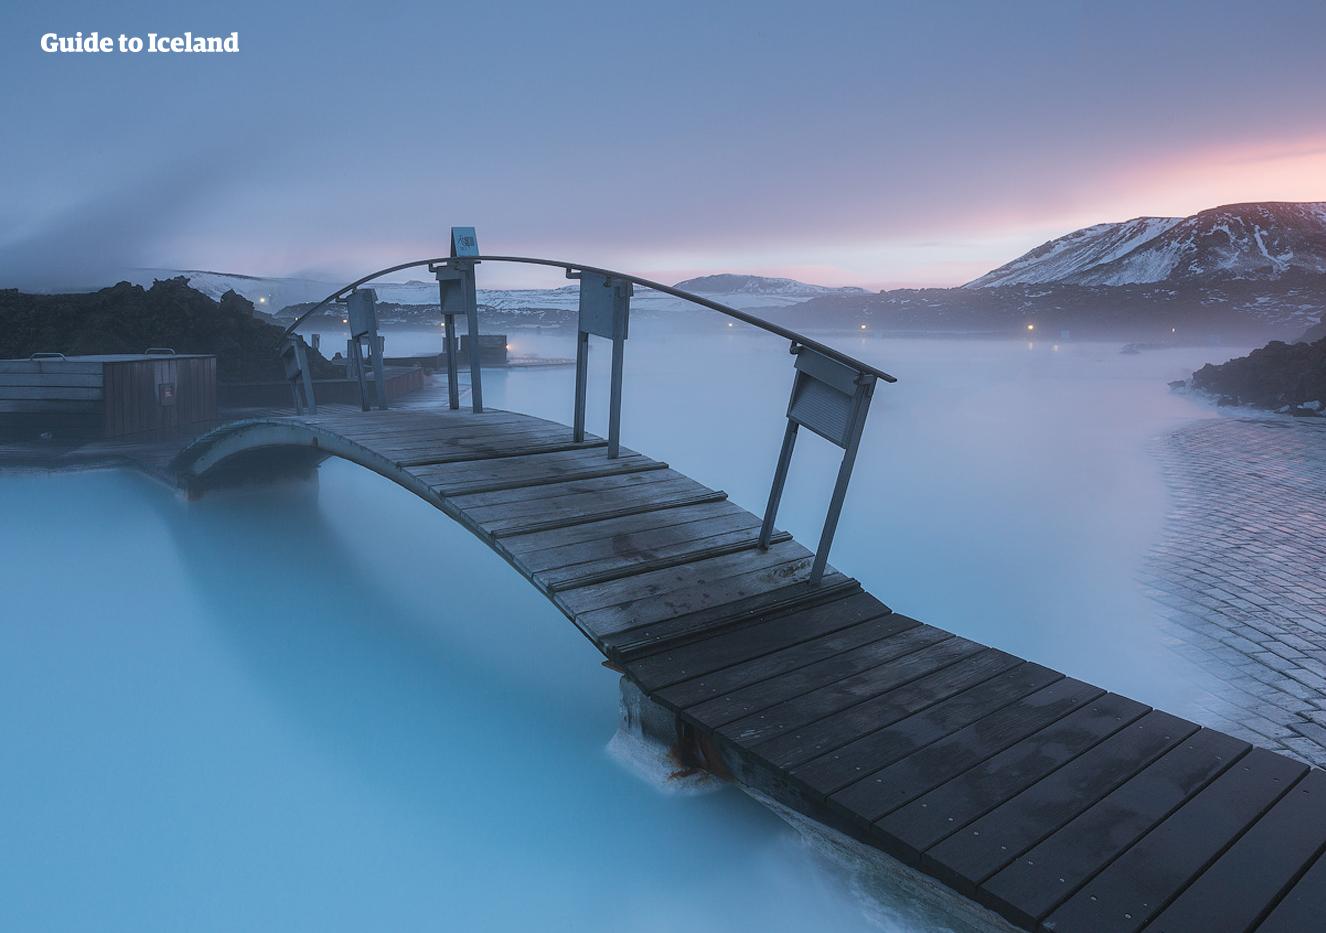 举世闻名的蓝湖温泉就位于雷克雅内斯半岛上。